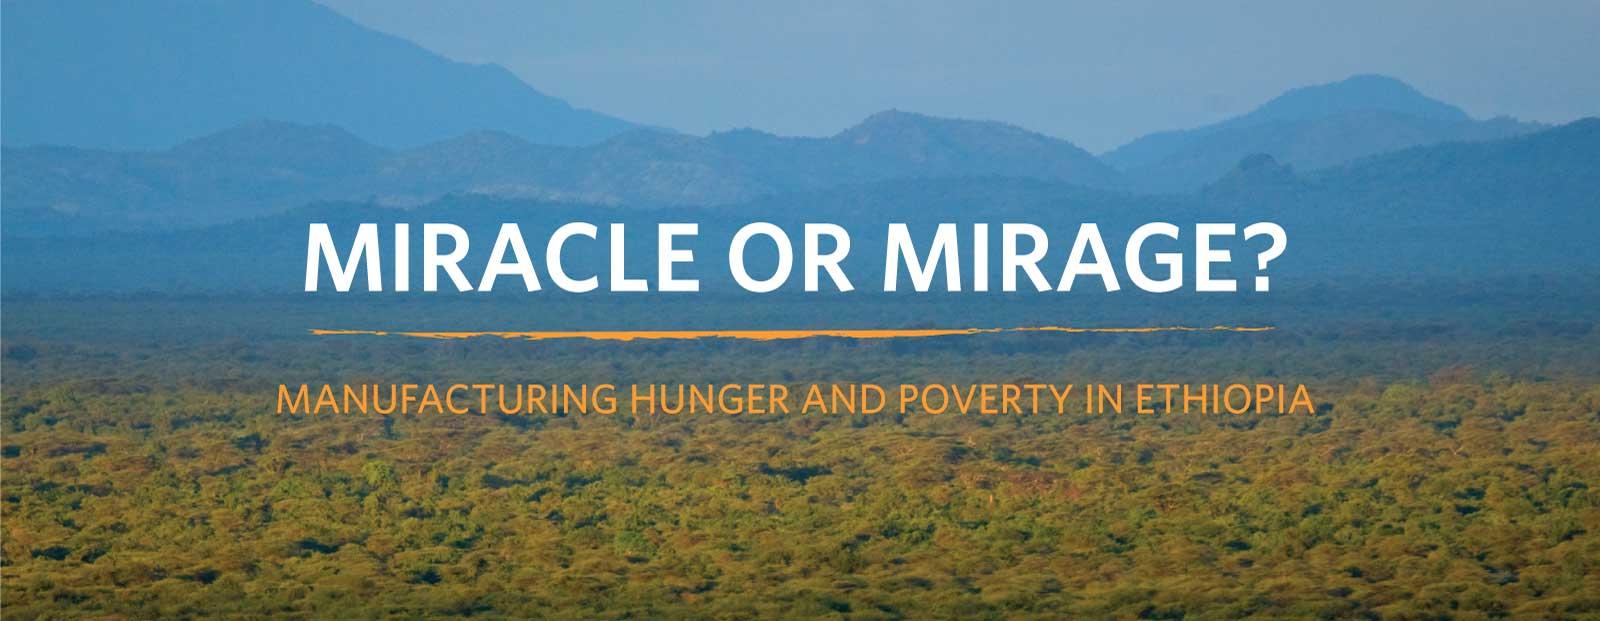 Miracle or Mirage? Ethiopia's Broken Development Model